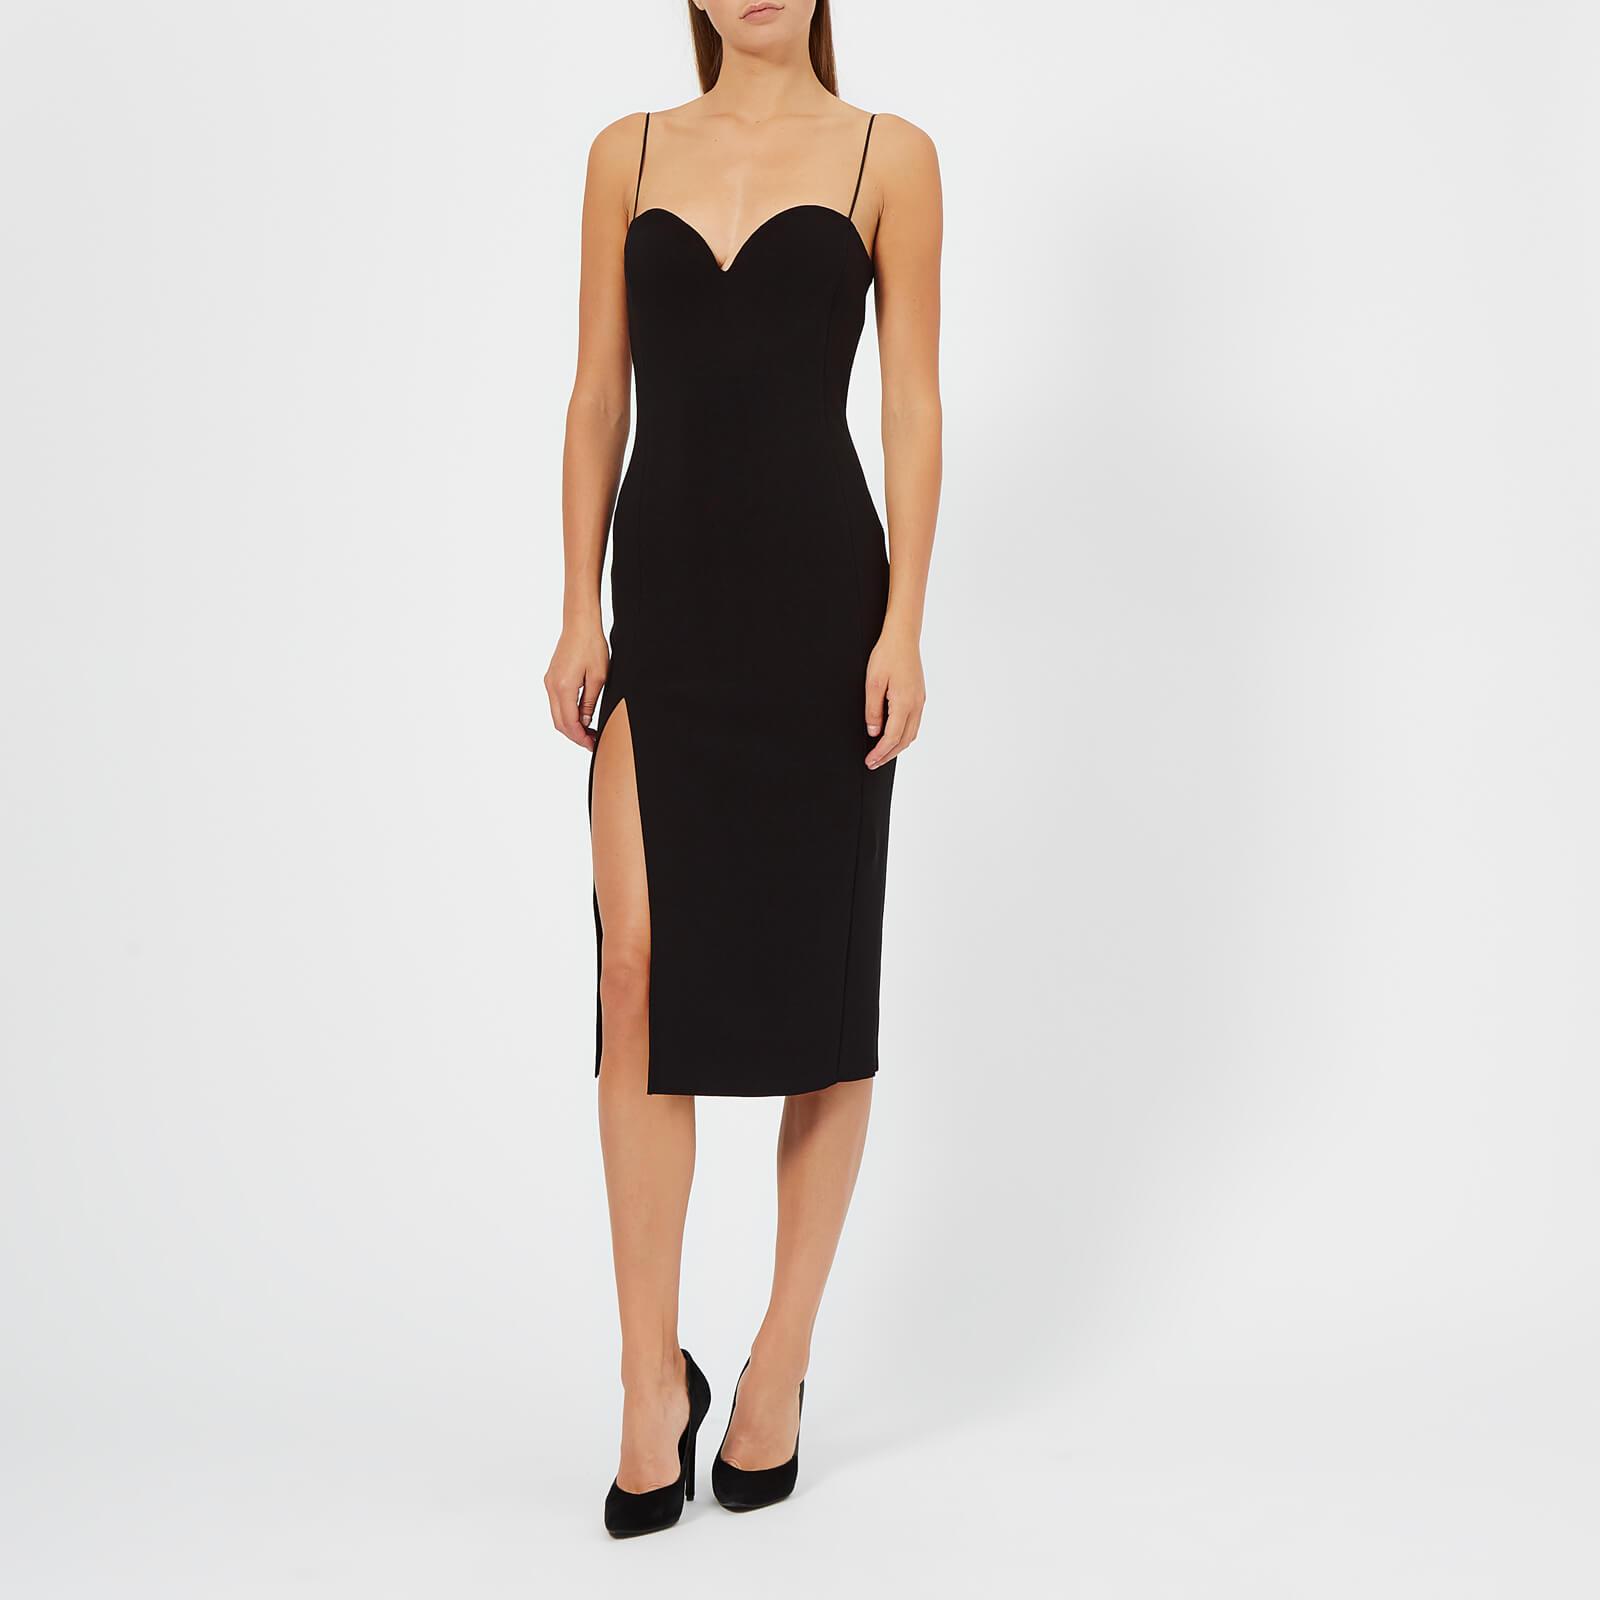 Bec & Bridge Women's Dream Girl Sweetheart Dress - Black - UK 8 - Black